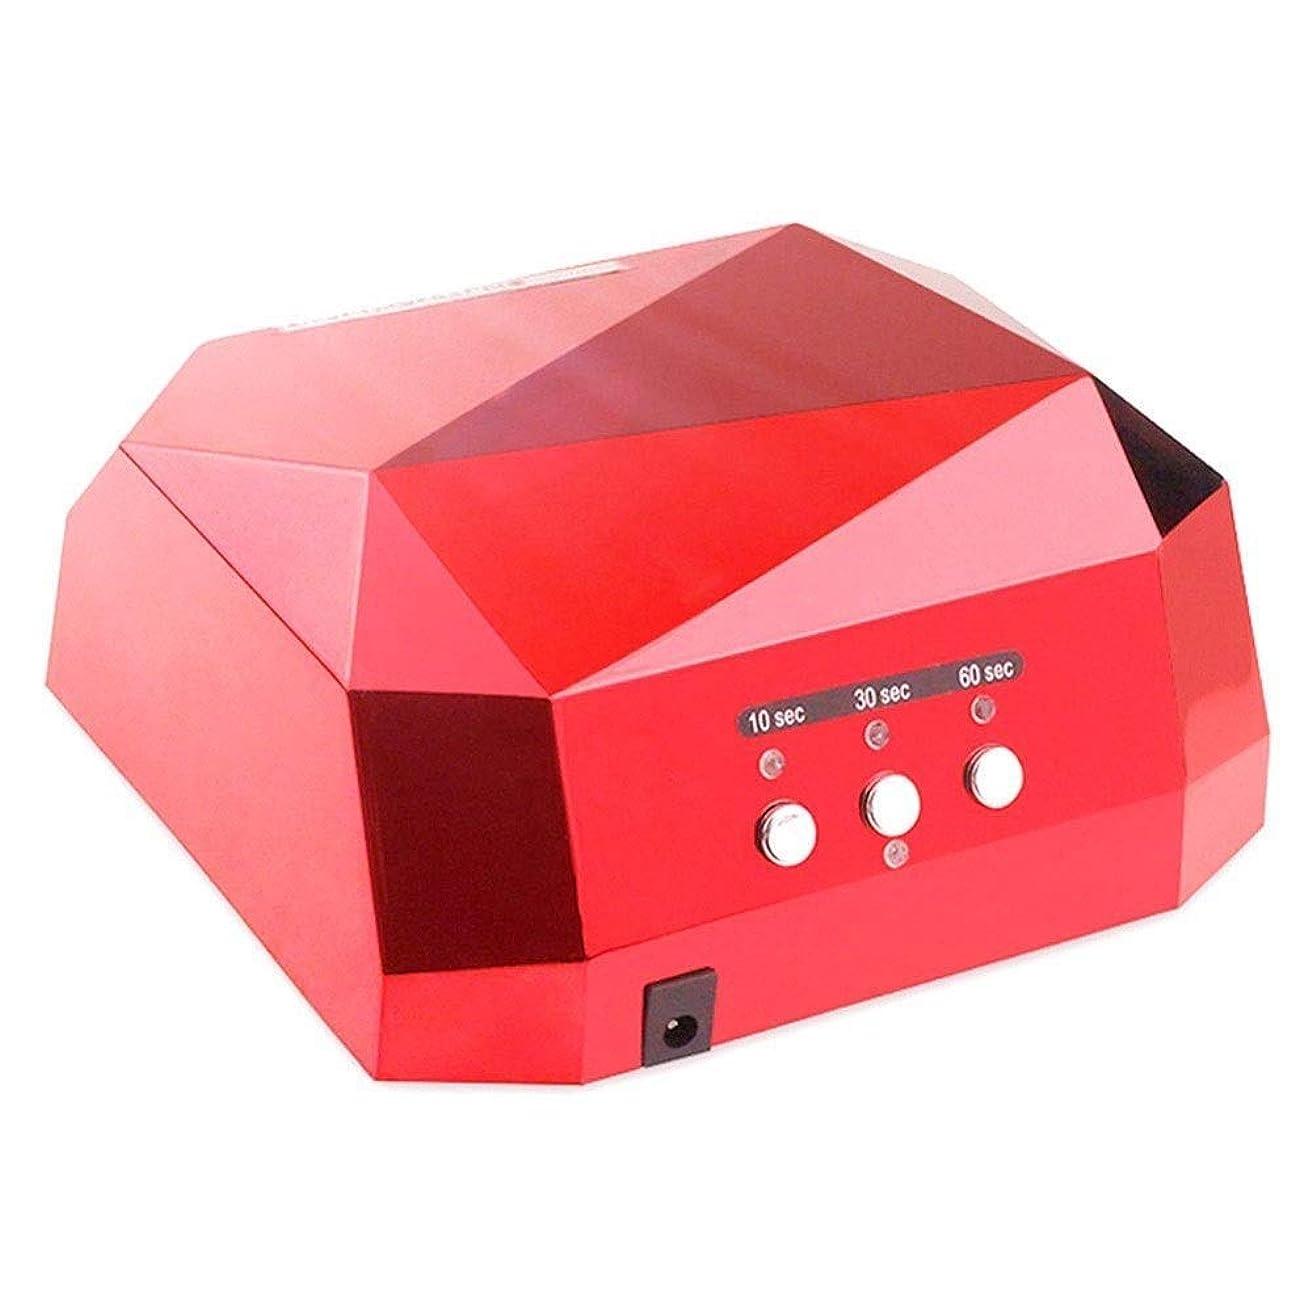 恵み虫を数える廃止DHINGM 12のLEDライト付きネイルランプ、ダイヤモンドLEDネイルライトセンサー36 W LEDネイル乾燥ランプ、インテリジェントな自動センシングは、耐久性に優れ、爪を傷つけることはありません